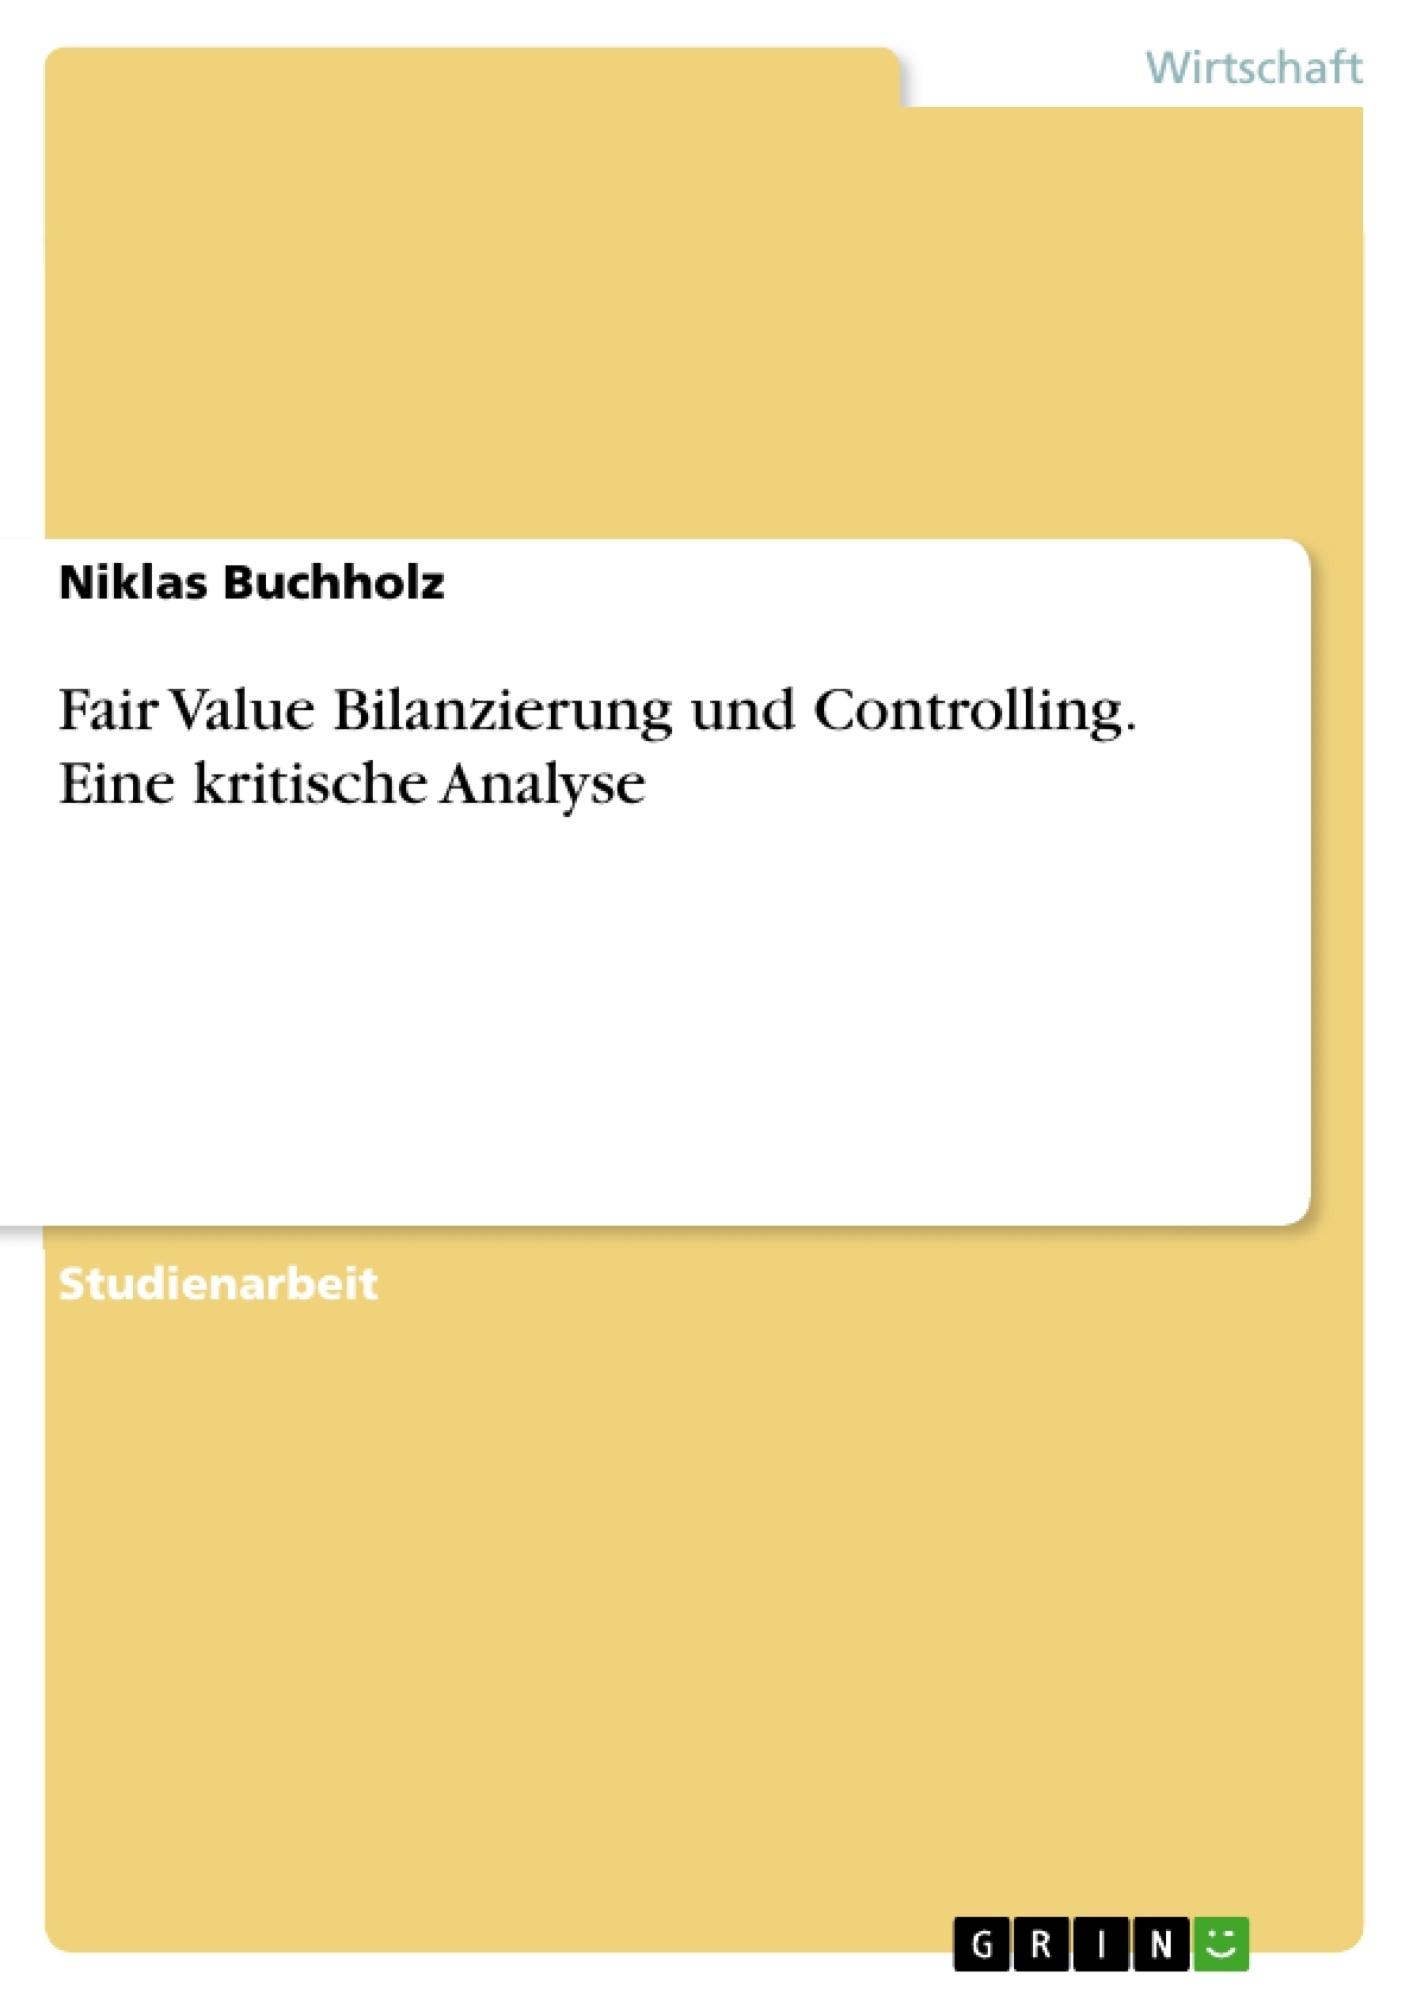 Titel: Fair Value Bilanzierung und Controlling. Eine kritische Analyse